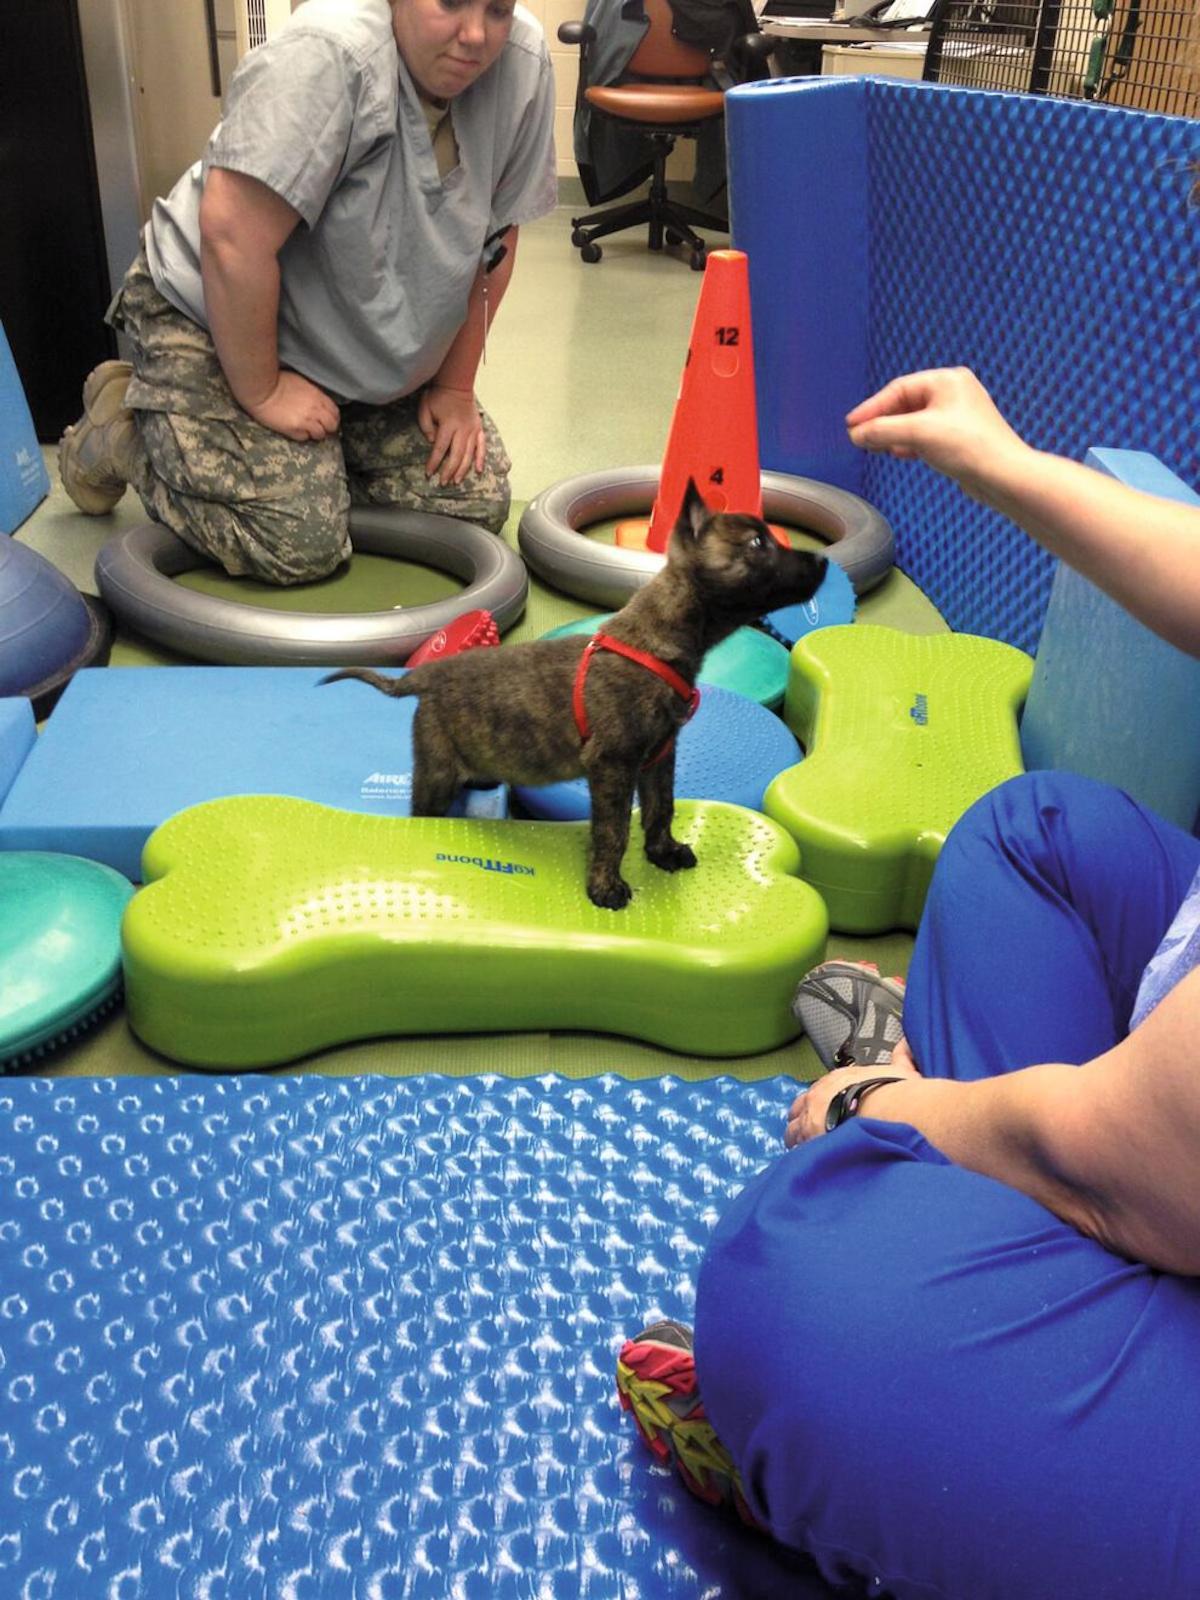 Cucciolo di cinque settimane che impara a stare in equilibrio con le zampe anteriori sollevate su materiali morbidi e flessibili.